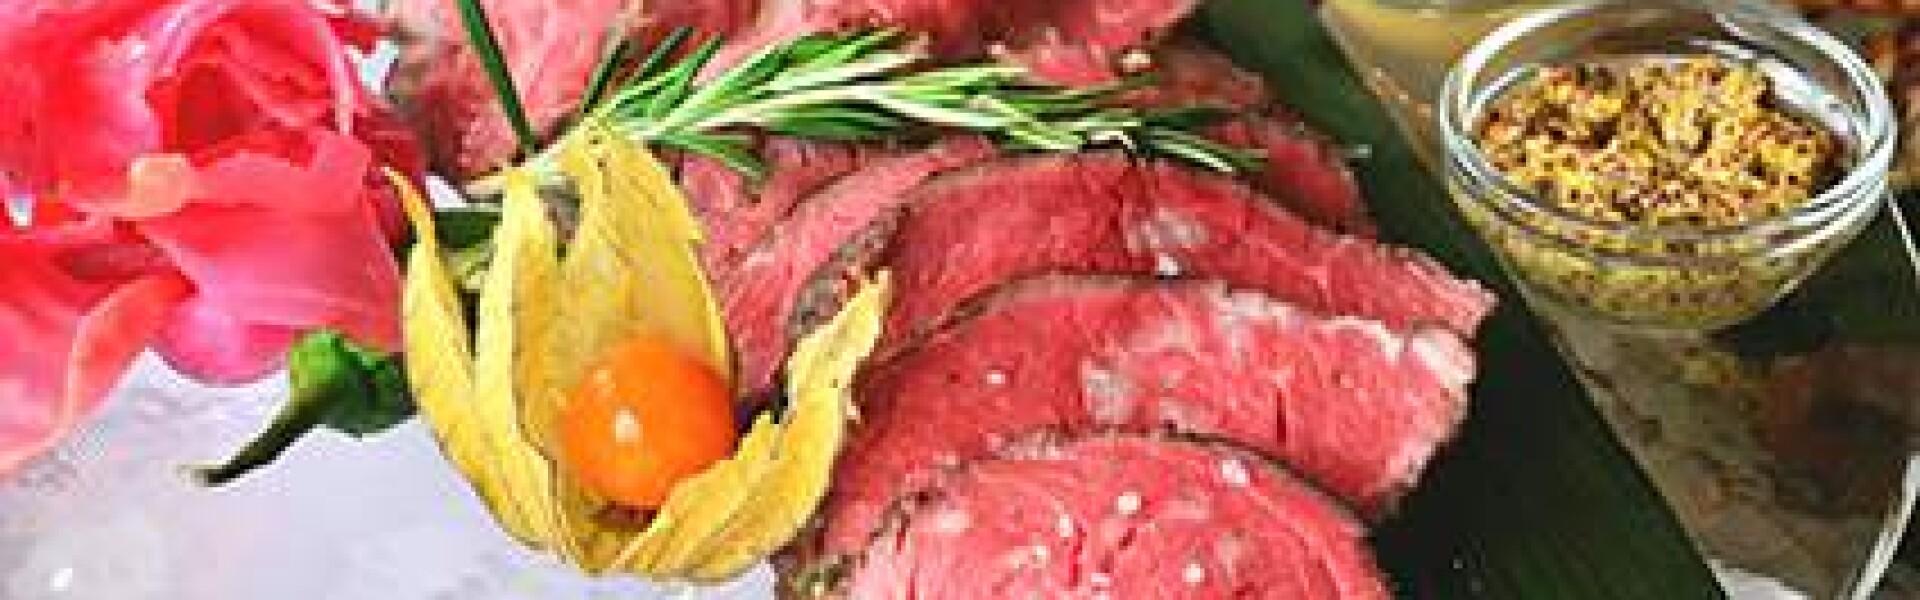 CoolWNS ·Стейки, блюда из мяса (телятина, говядина, баранина)